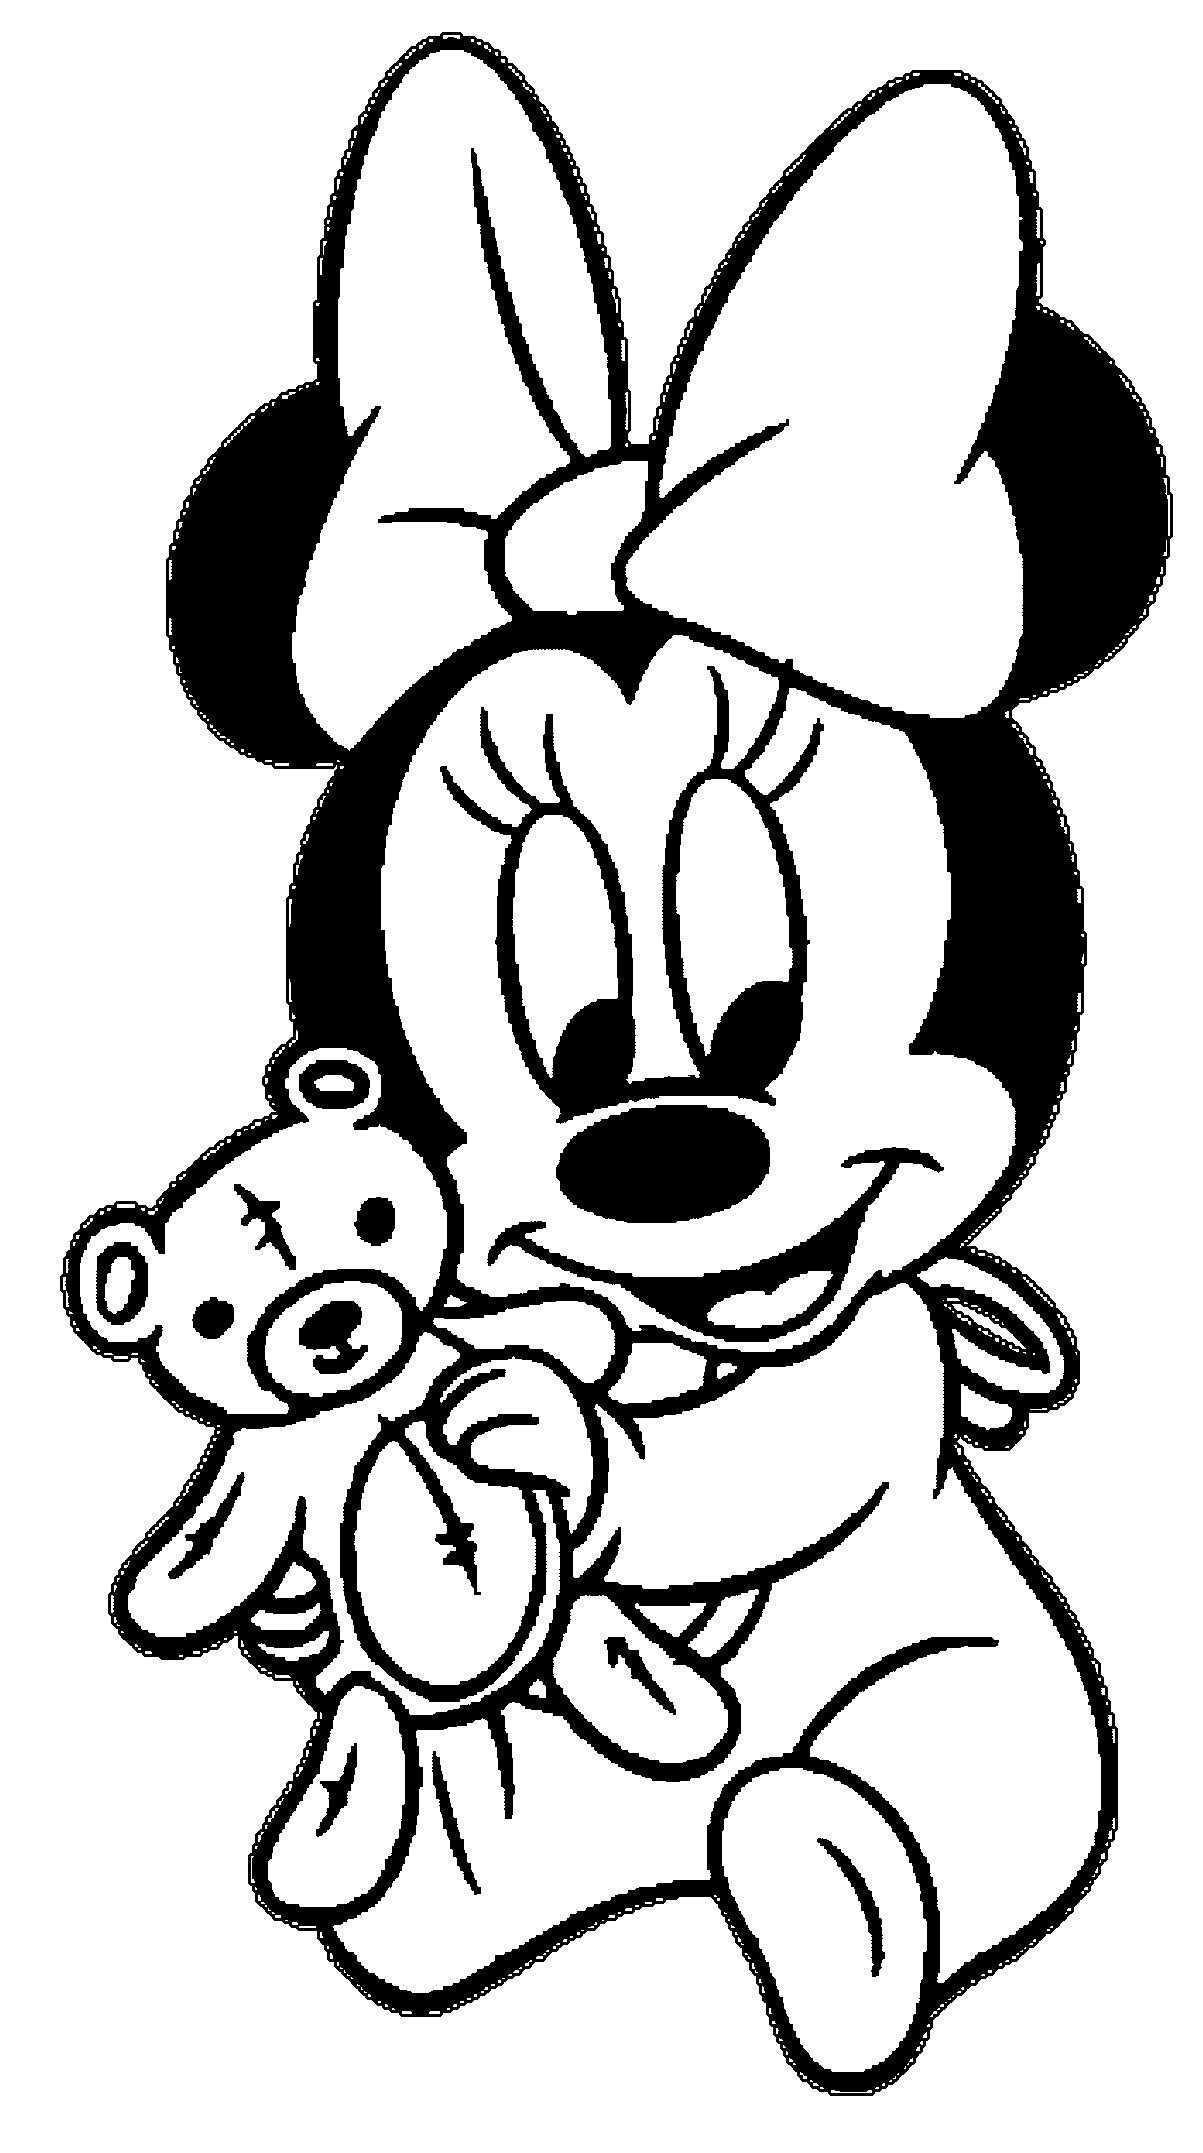 Minnie Baby Coloring Pages 2 By Sean Tekeningen Disney Figuren Cartoon Tekeningen Disney Kleurplaten